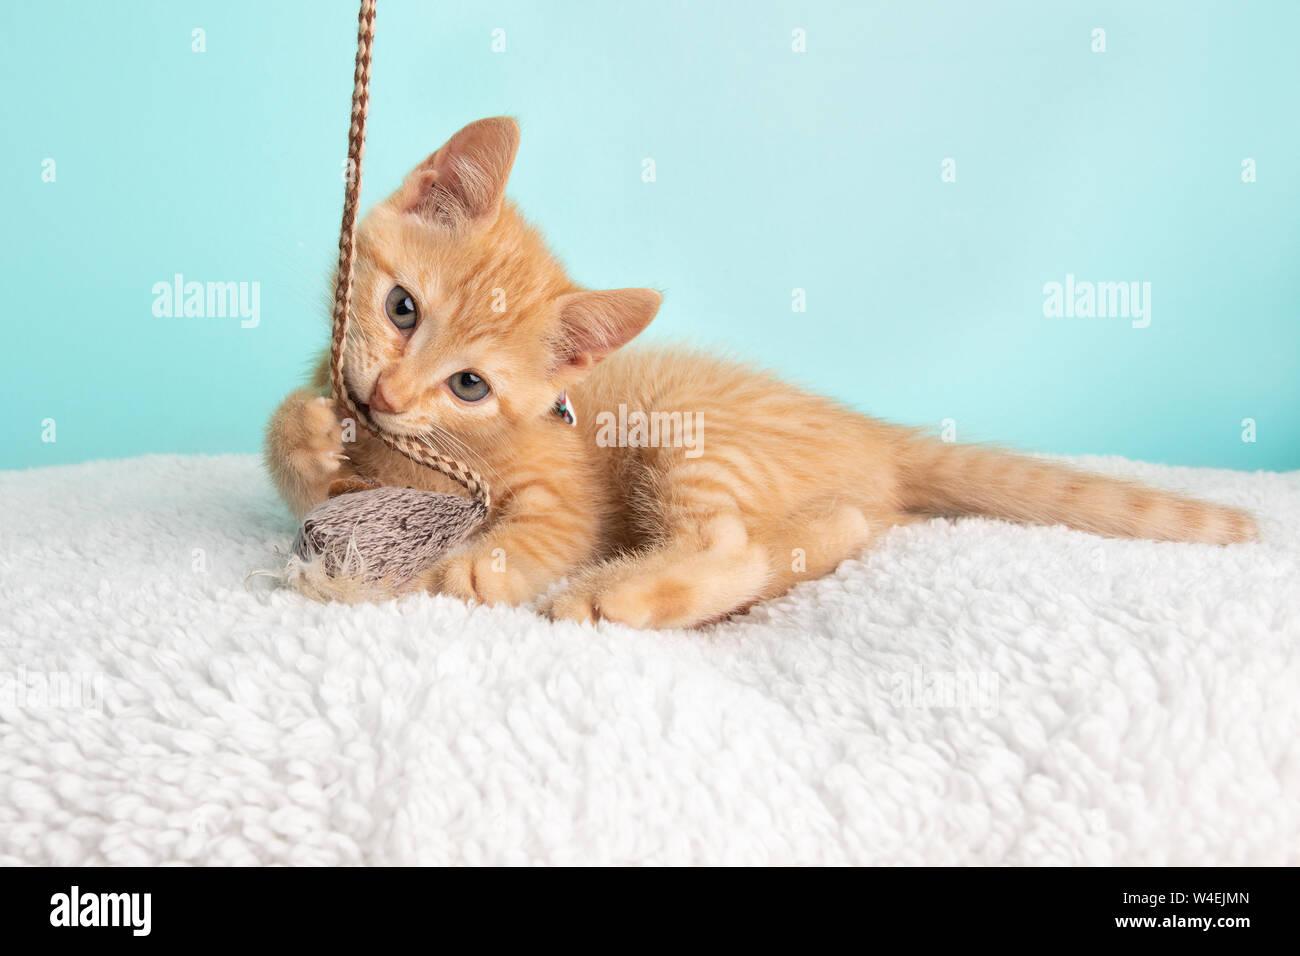 Nette Junge Orange Tabby Cat Kitten Rettung tragen weiße Blume Bow Tie Liegend Scharren und Spielen mit Spielzeug Maus und String auf blauem Hintergrund Stockfoto